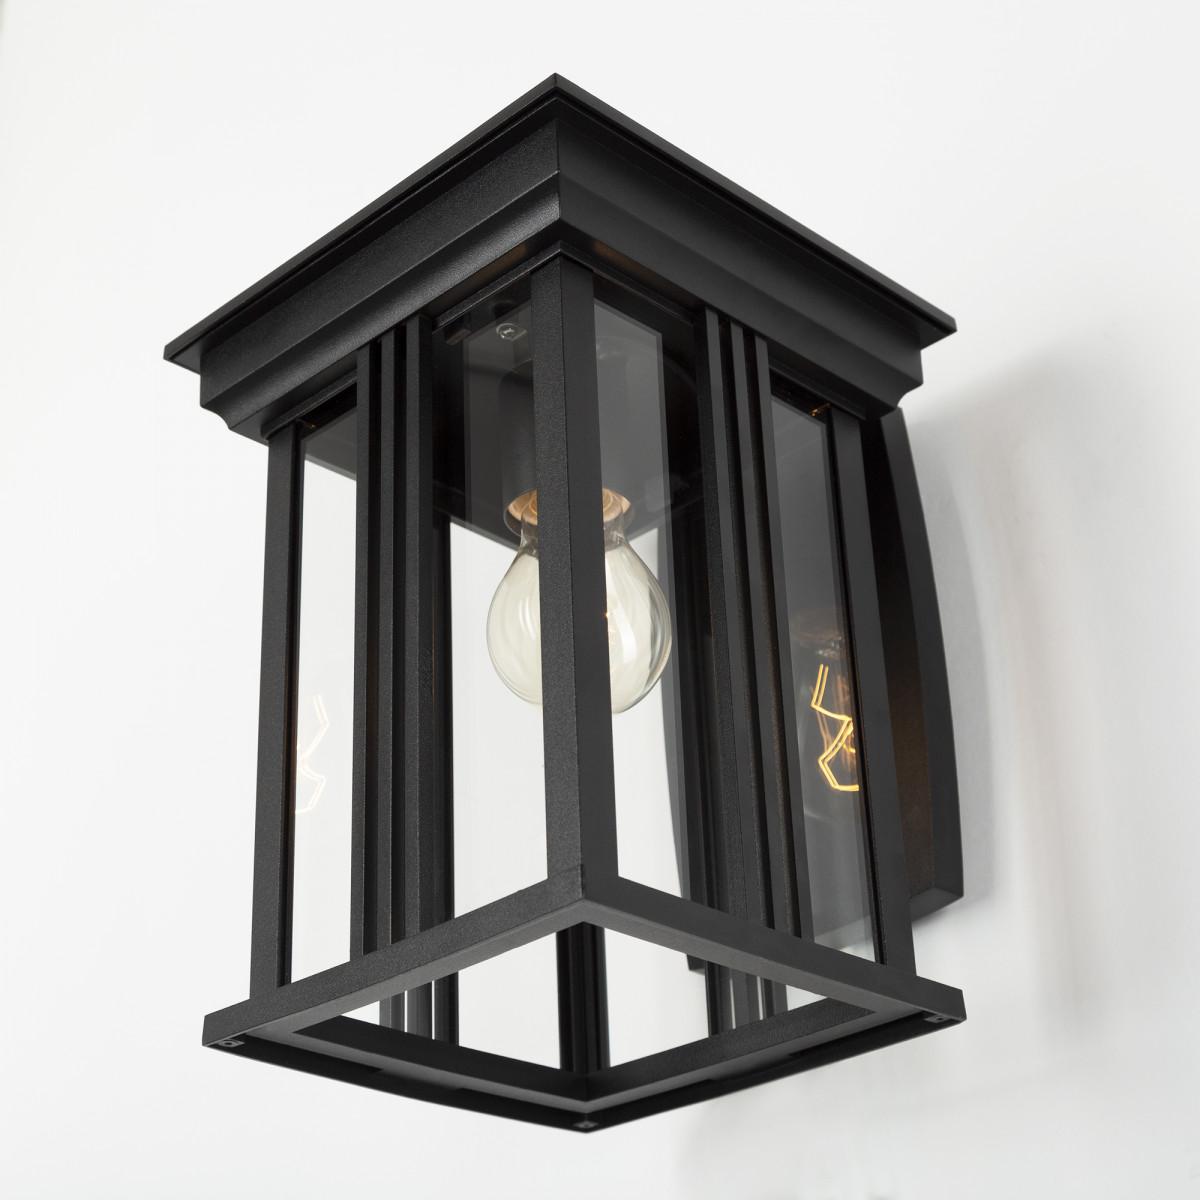 Wandlamp voor buiten in een stijlvol zwarte kleur, strakke lijnen, heldere beglazing